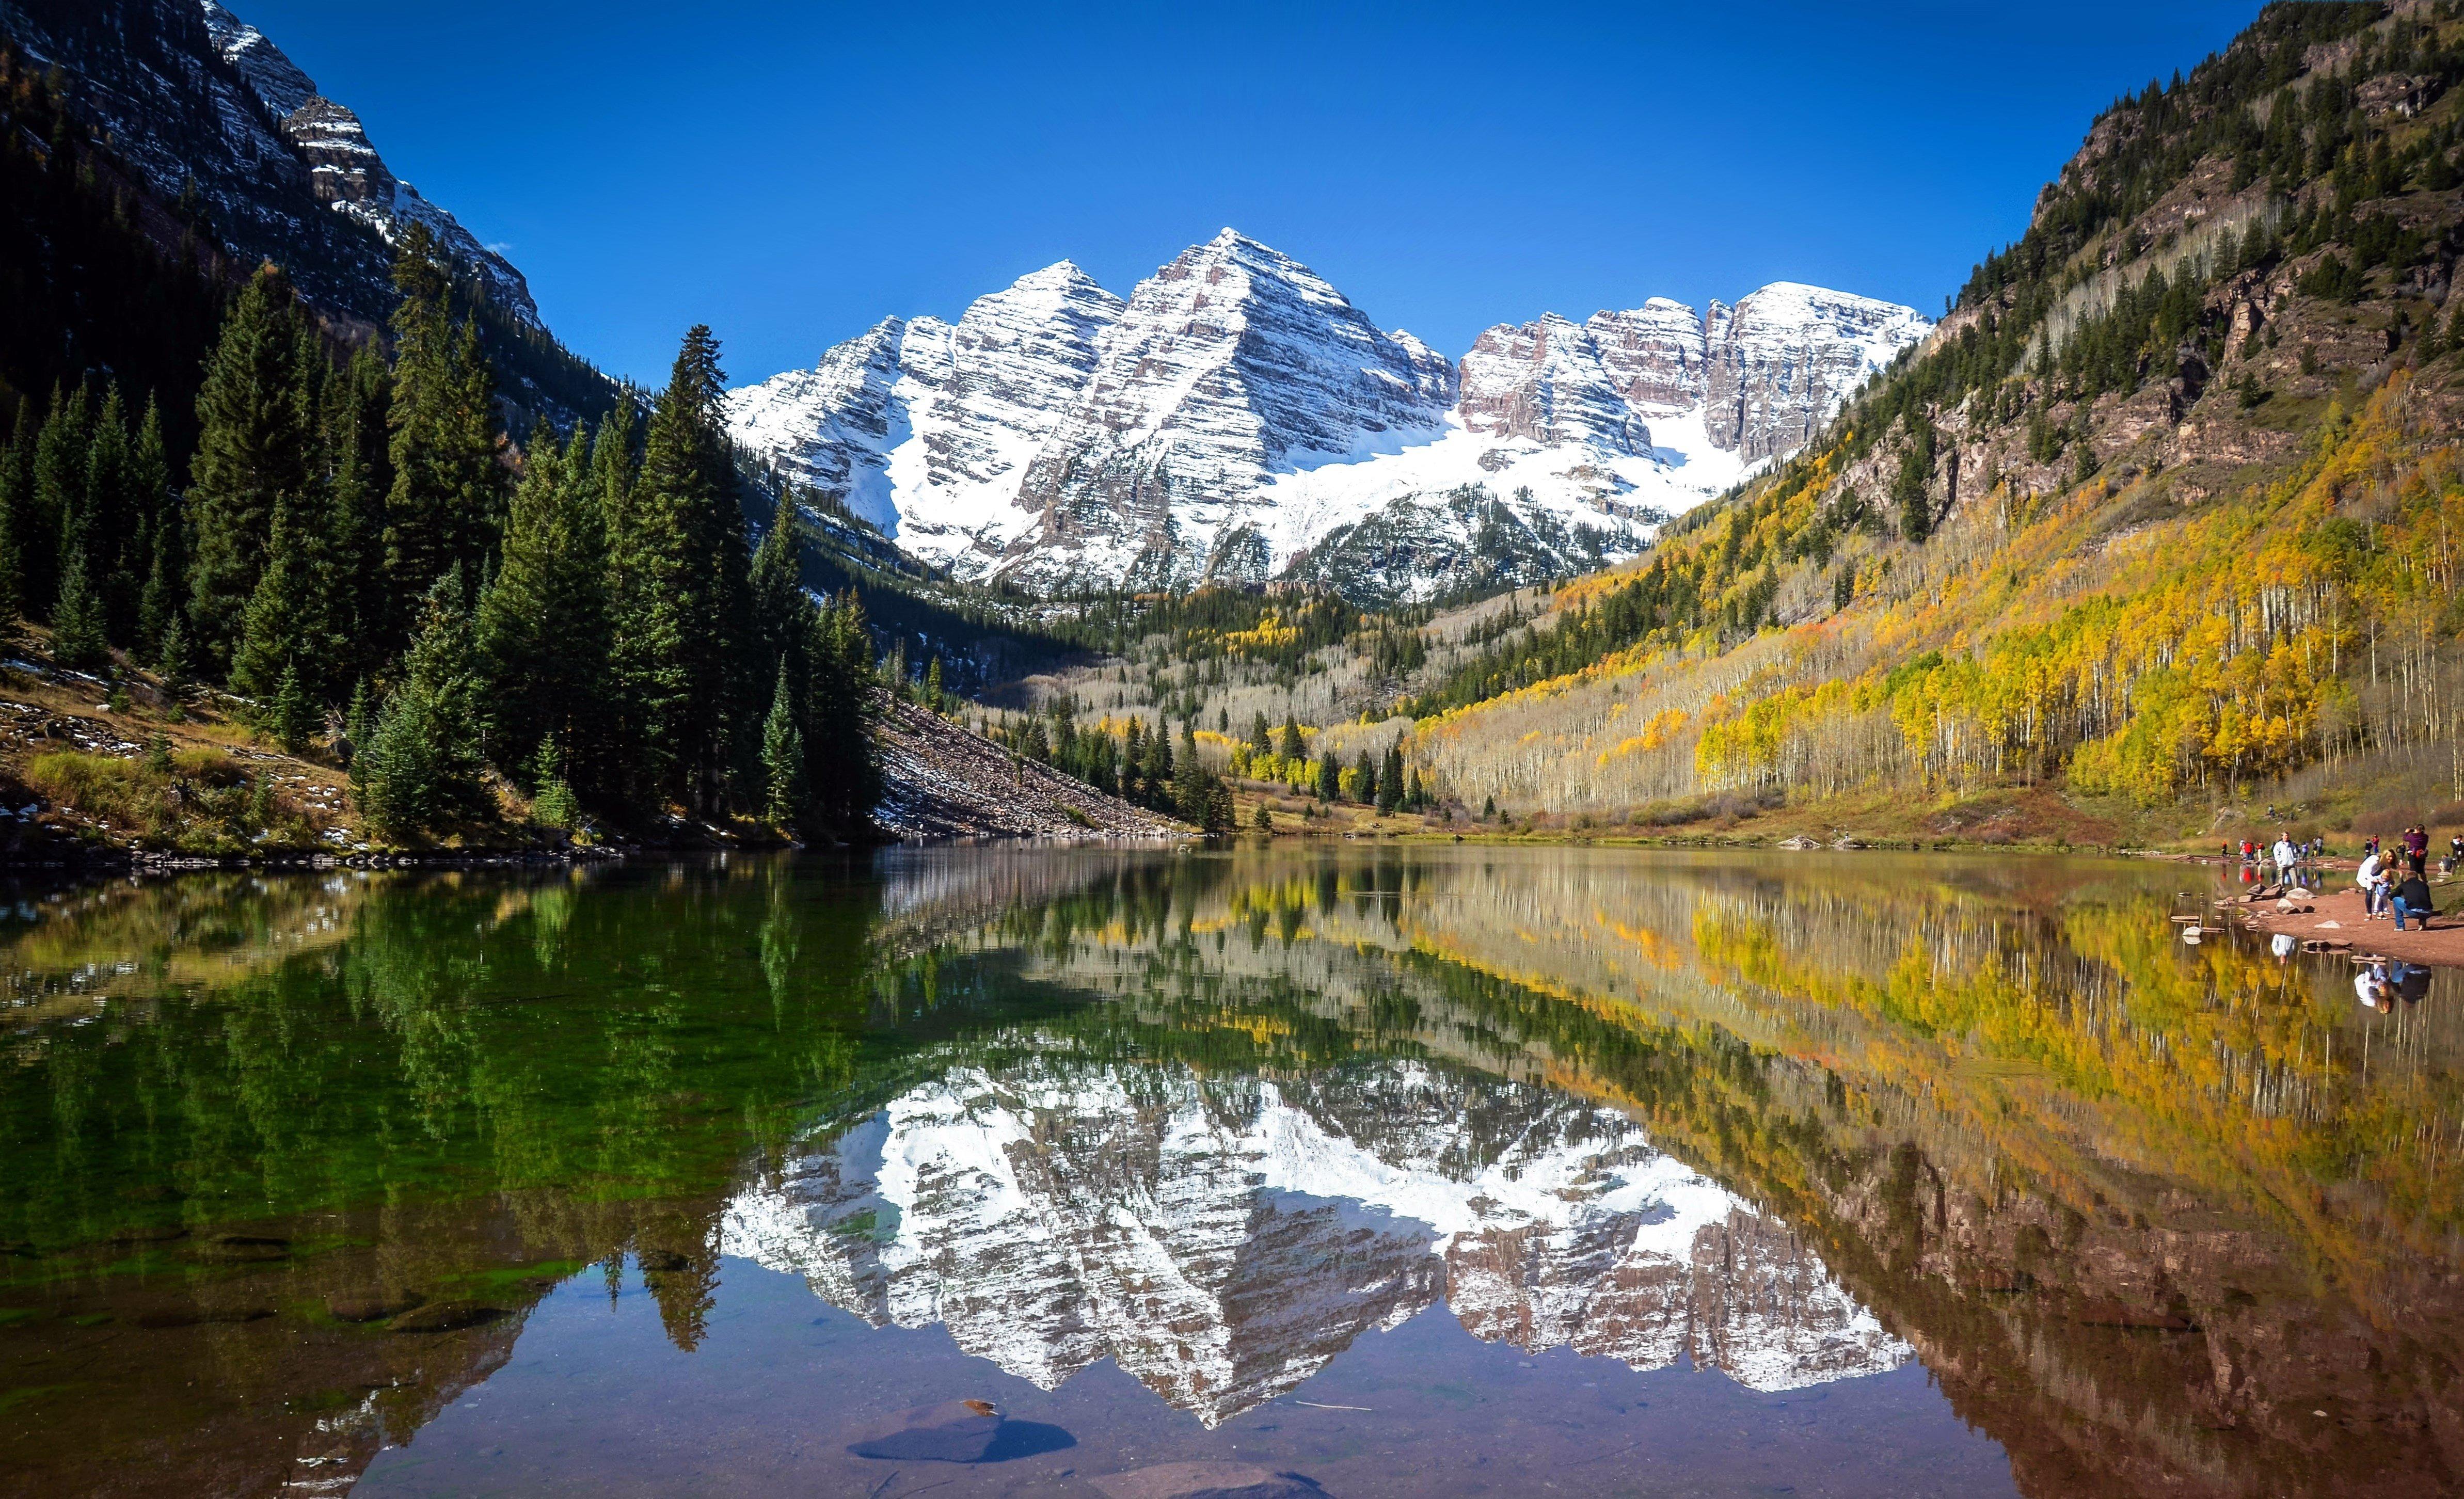 Colorado Aspen autumn wallpaper 4773x2904 505600 WallpaperUP 4773x2904